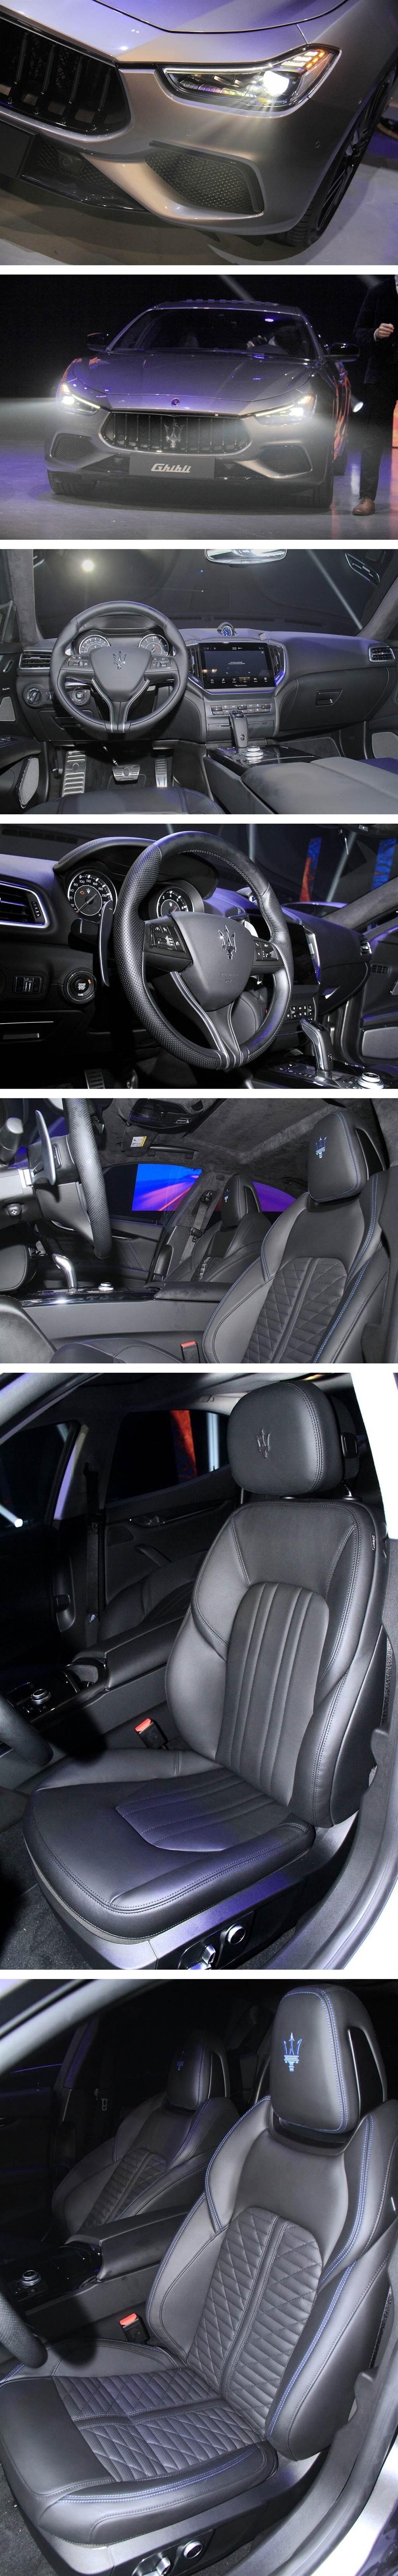 這次發表的Ghibli MHEV GranSport特別選配(包含座椅加熱與通風功能,需加價39萬)來自Levante Trofeo同款的Pieno Fiore天然皮革內裝。